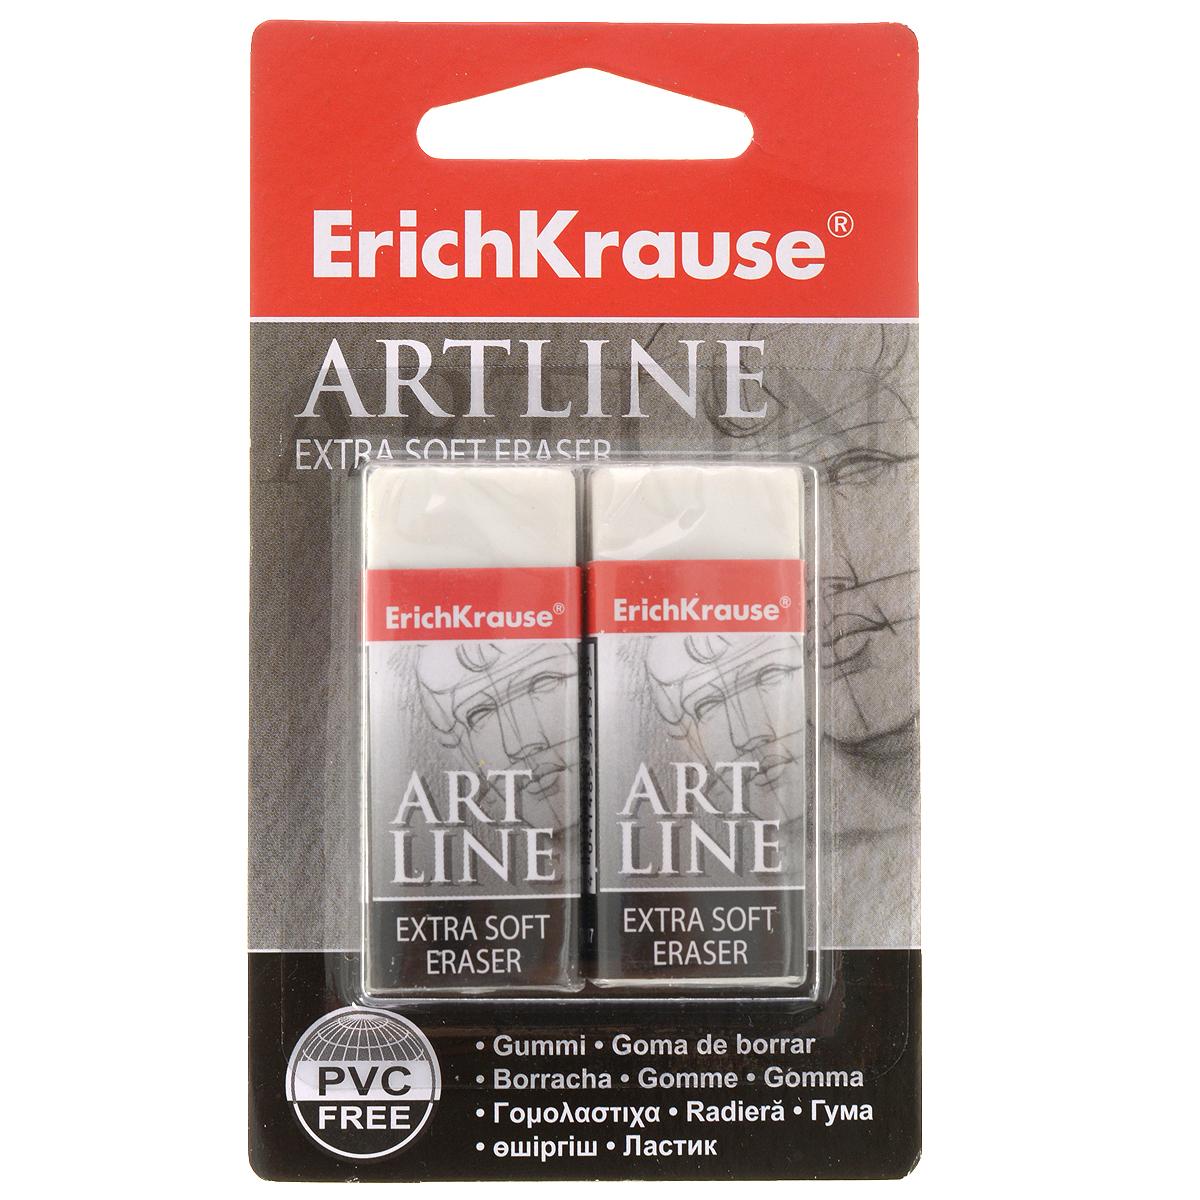 Набор ластиков Erich Krause Artlane, 2 шт набор ластиков milan 2 шт 2 320 30bl2320 10042